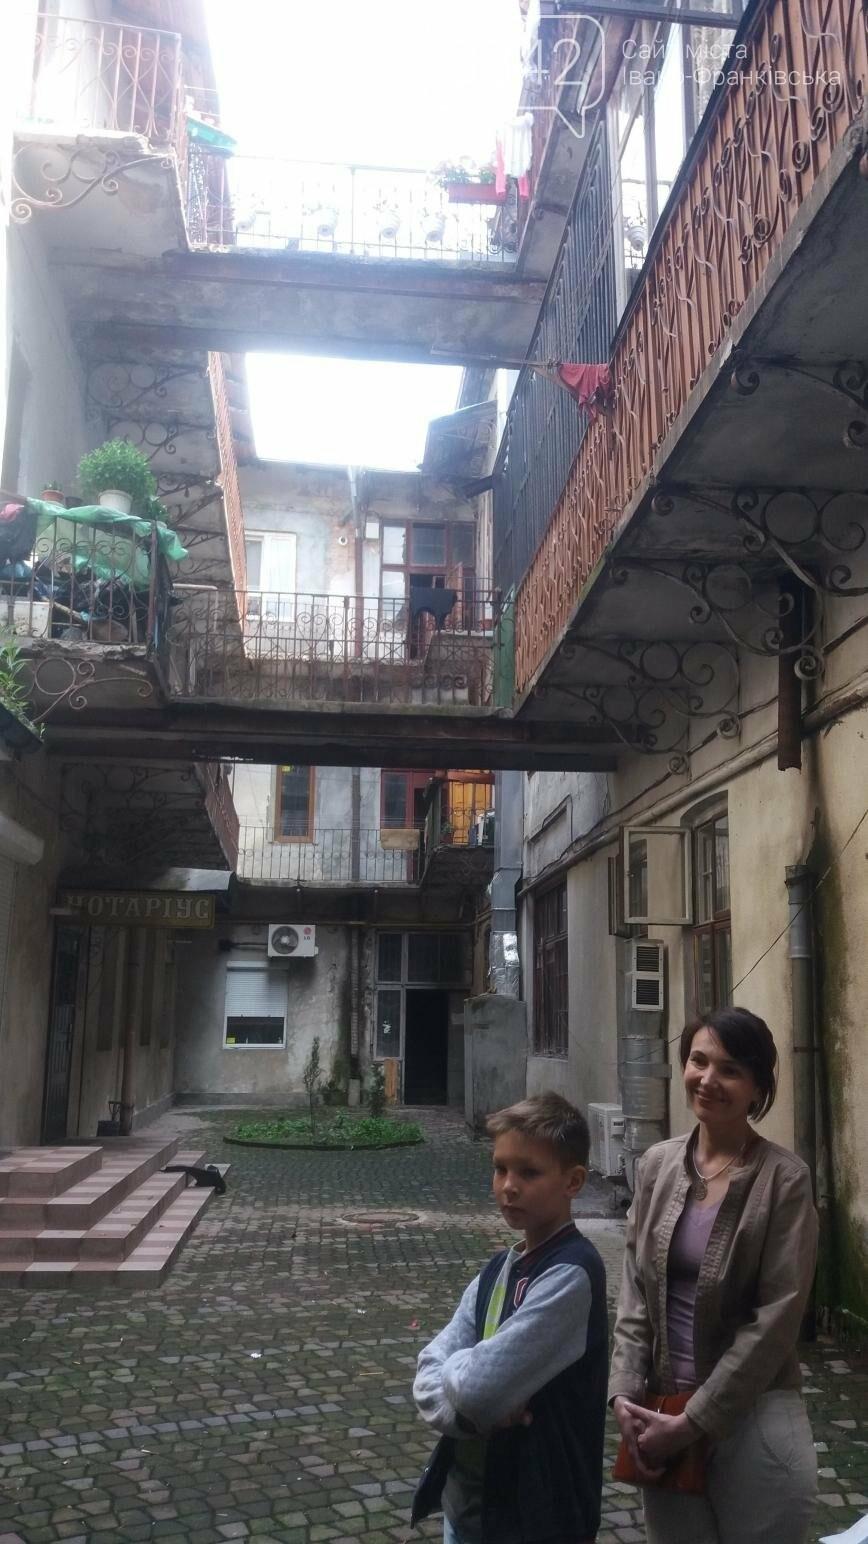 Візитівка Франківська - прогулянки старовинними вуличками та неспішний ритм життя, фото-5